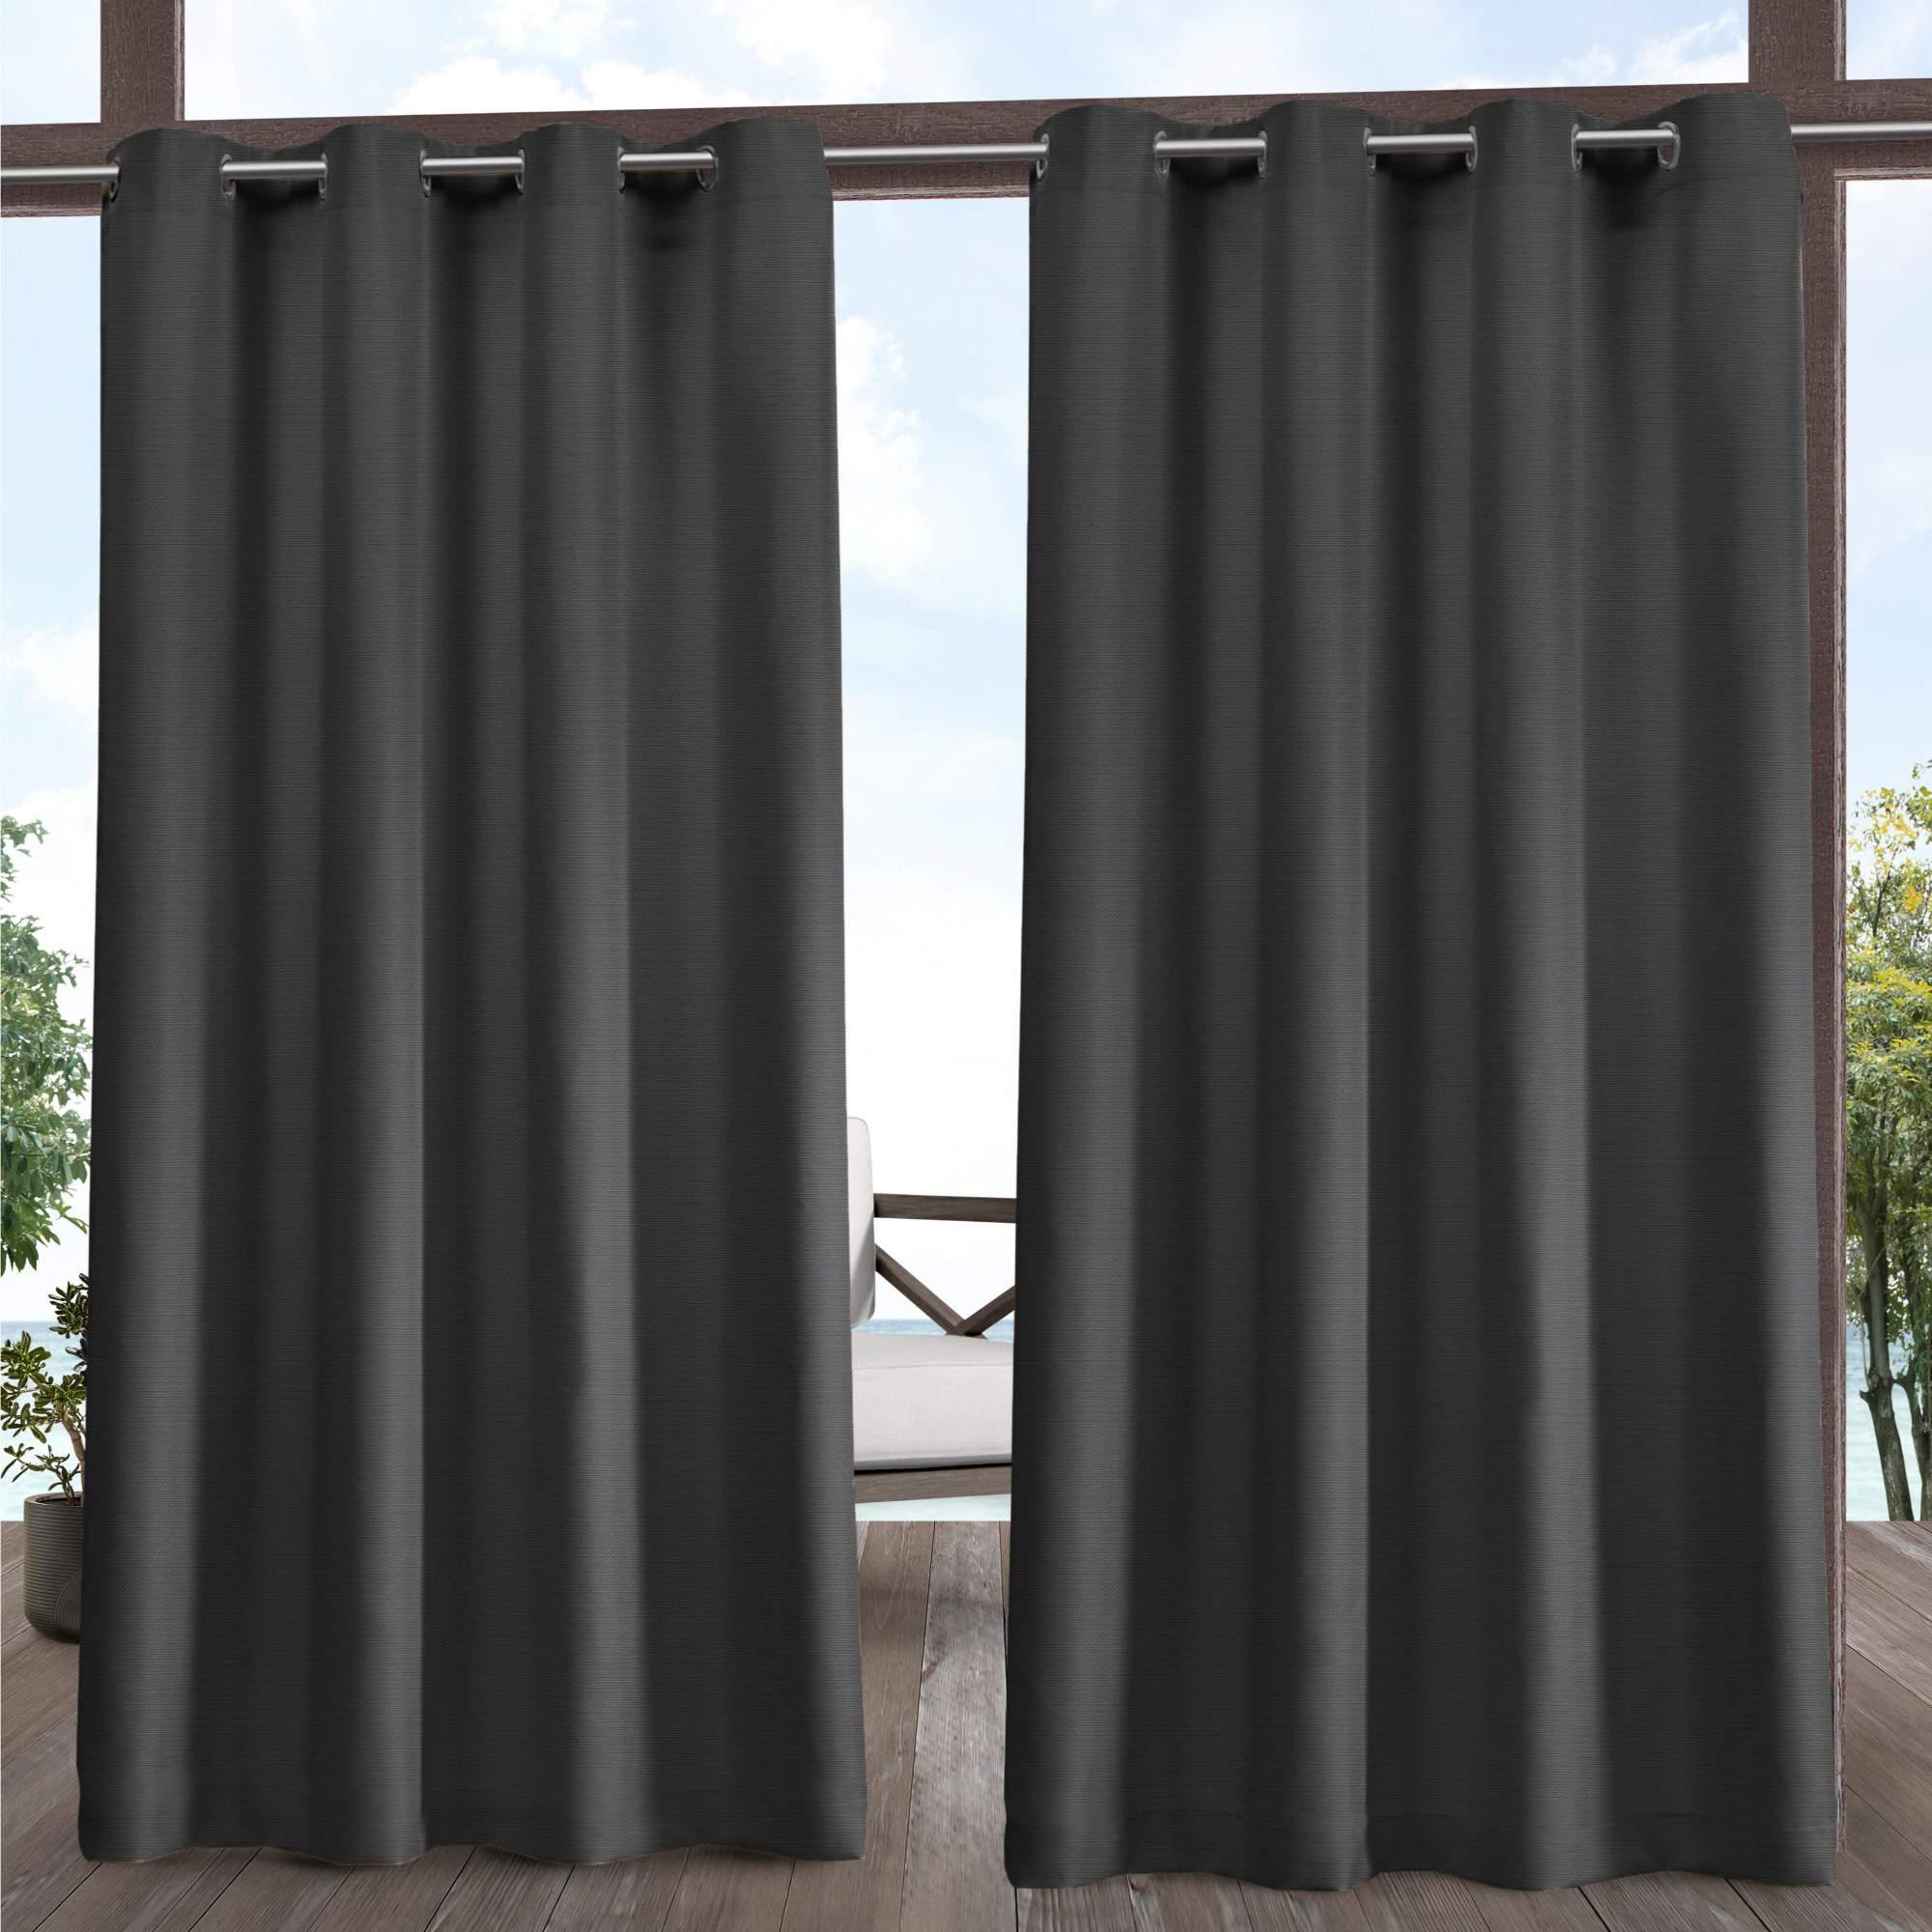 2020 Delano Indoor/outdoor Grommet Top Curtain Panel Pairs Inside Exclusive Home Delano Indoor/outdoor Grommet Top Curtain Panel Pair (View 5 of 20)